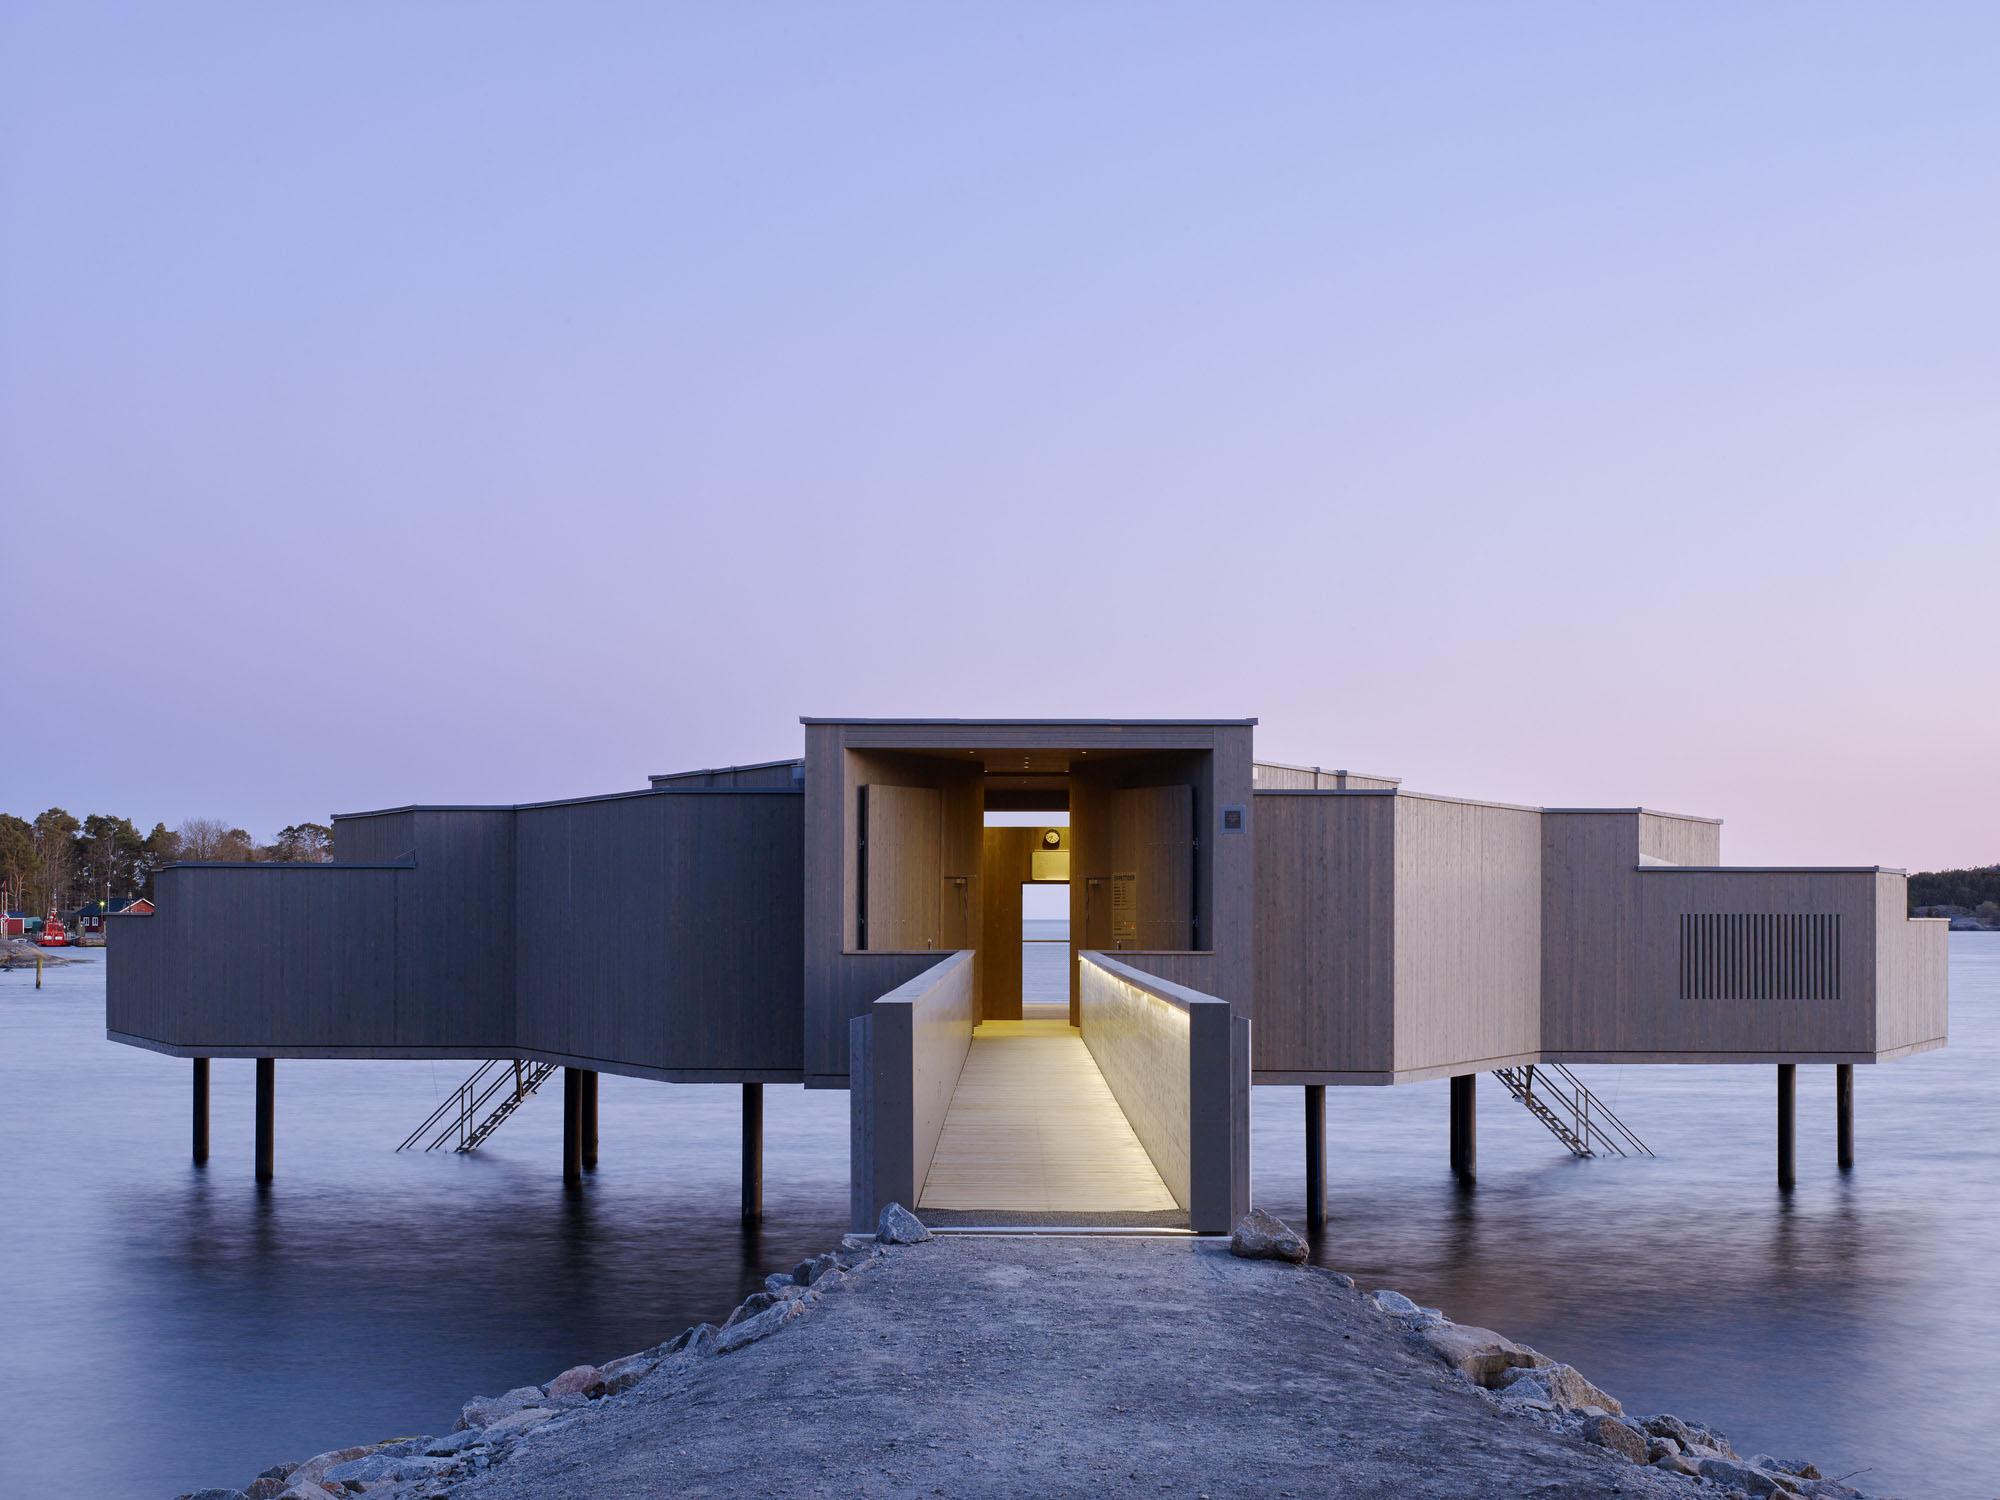 Karlshamn Cold Bath House by White Arkitekter